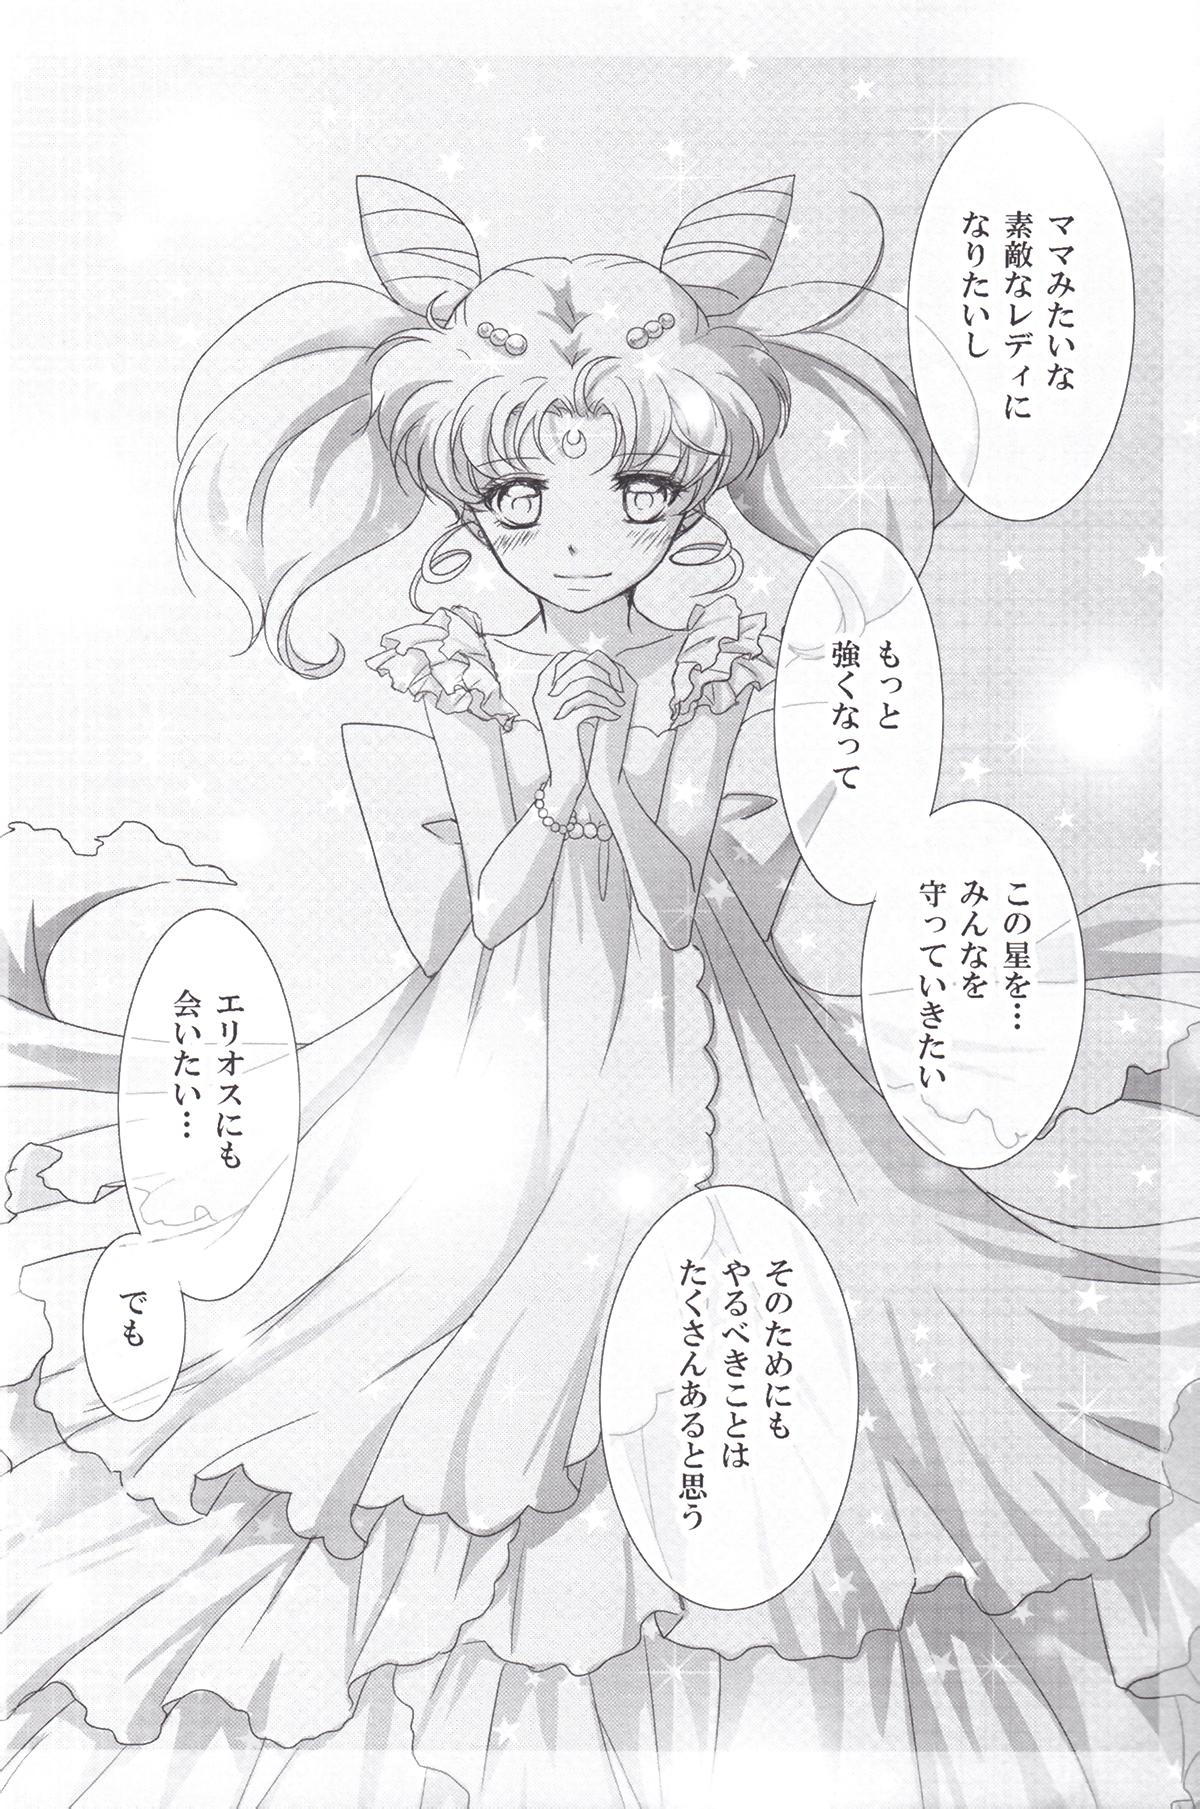 Yume_no_tsuzuki_06